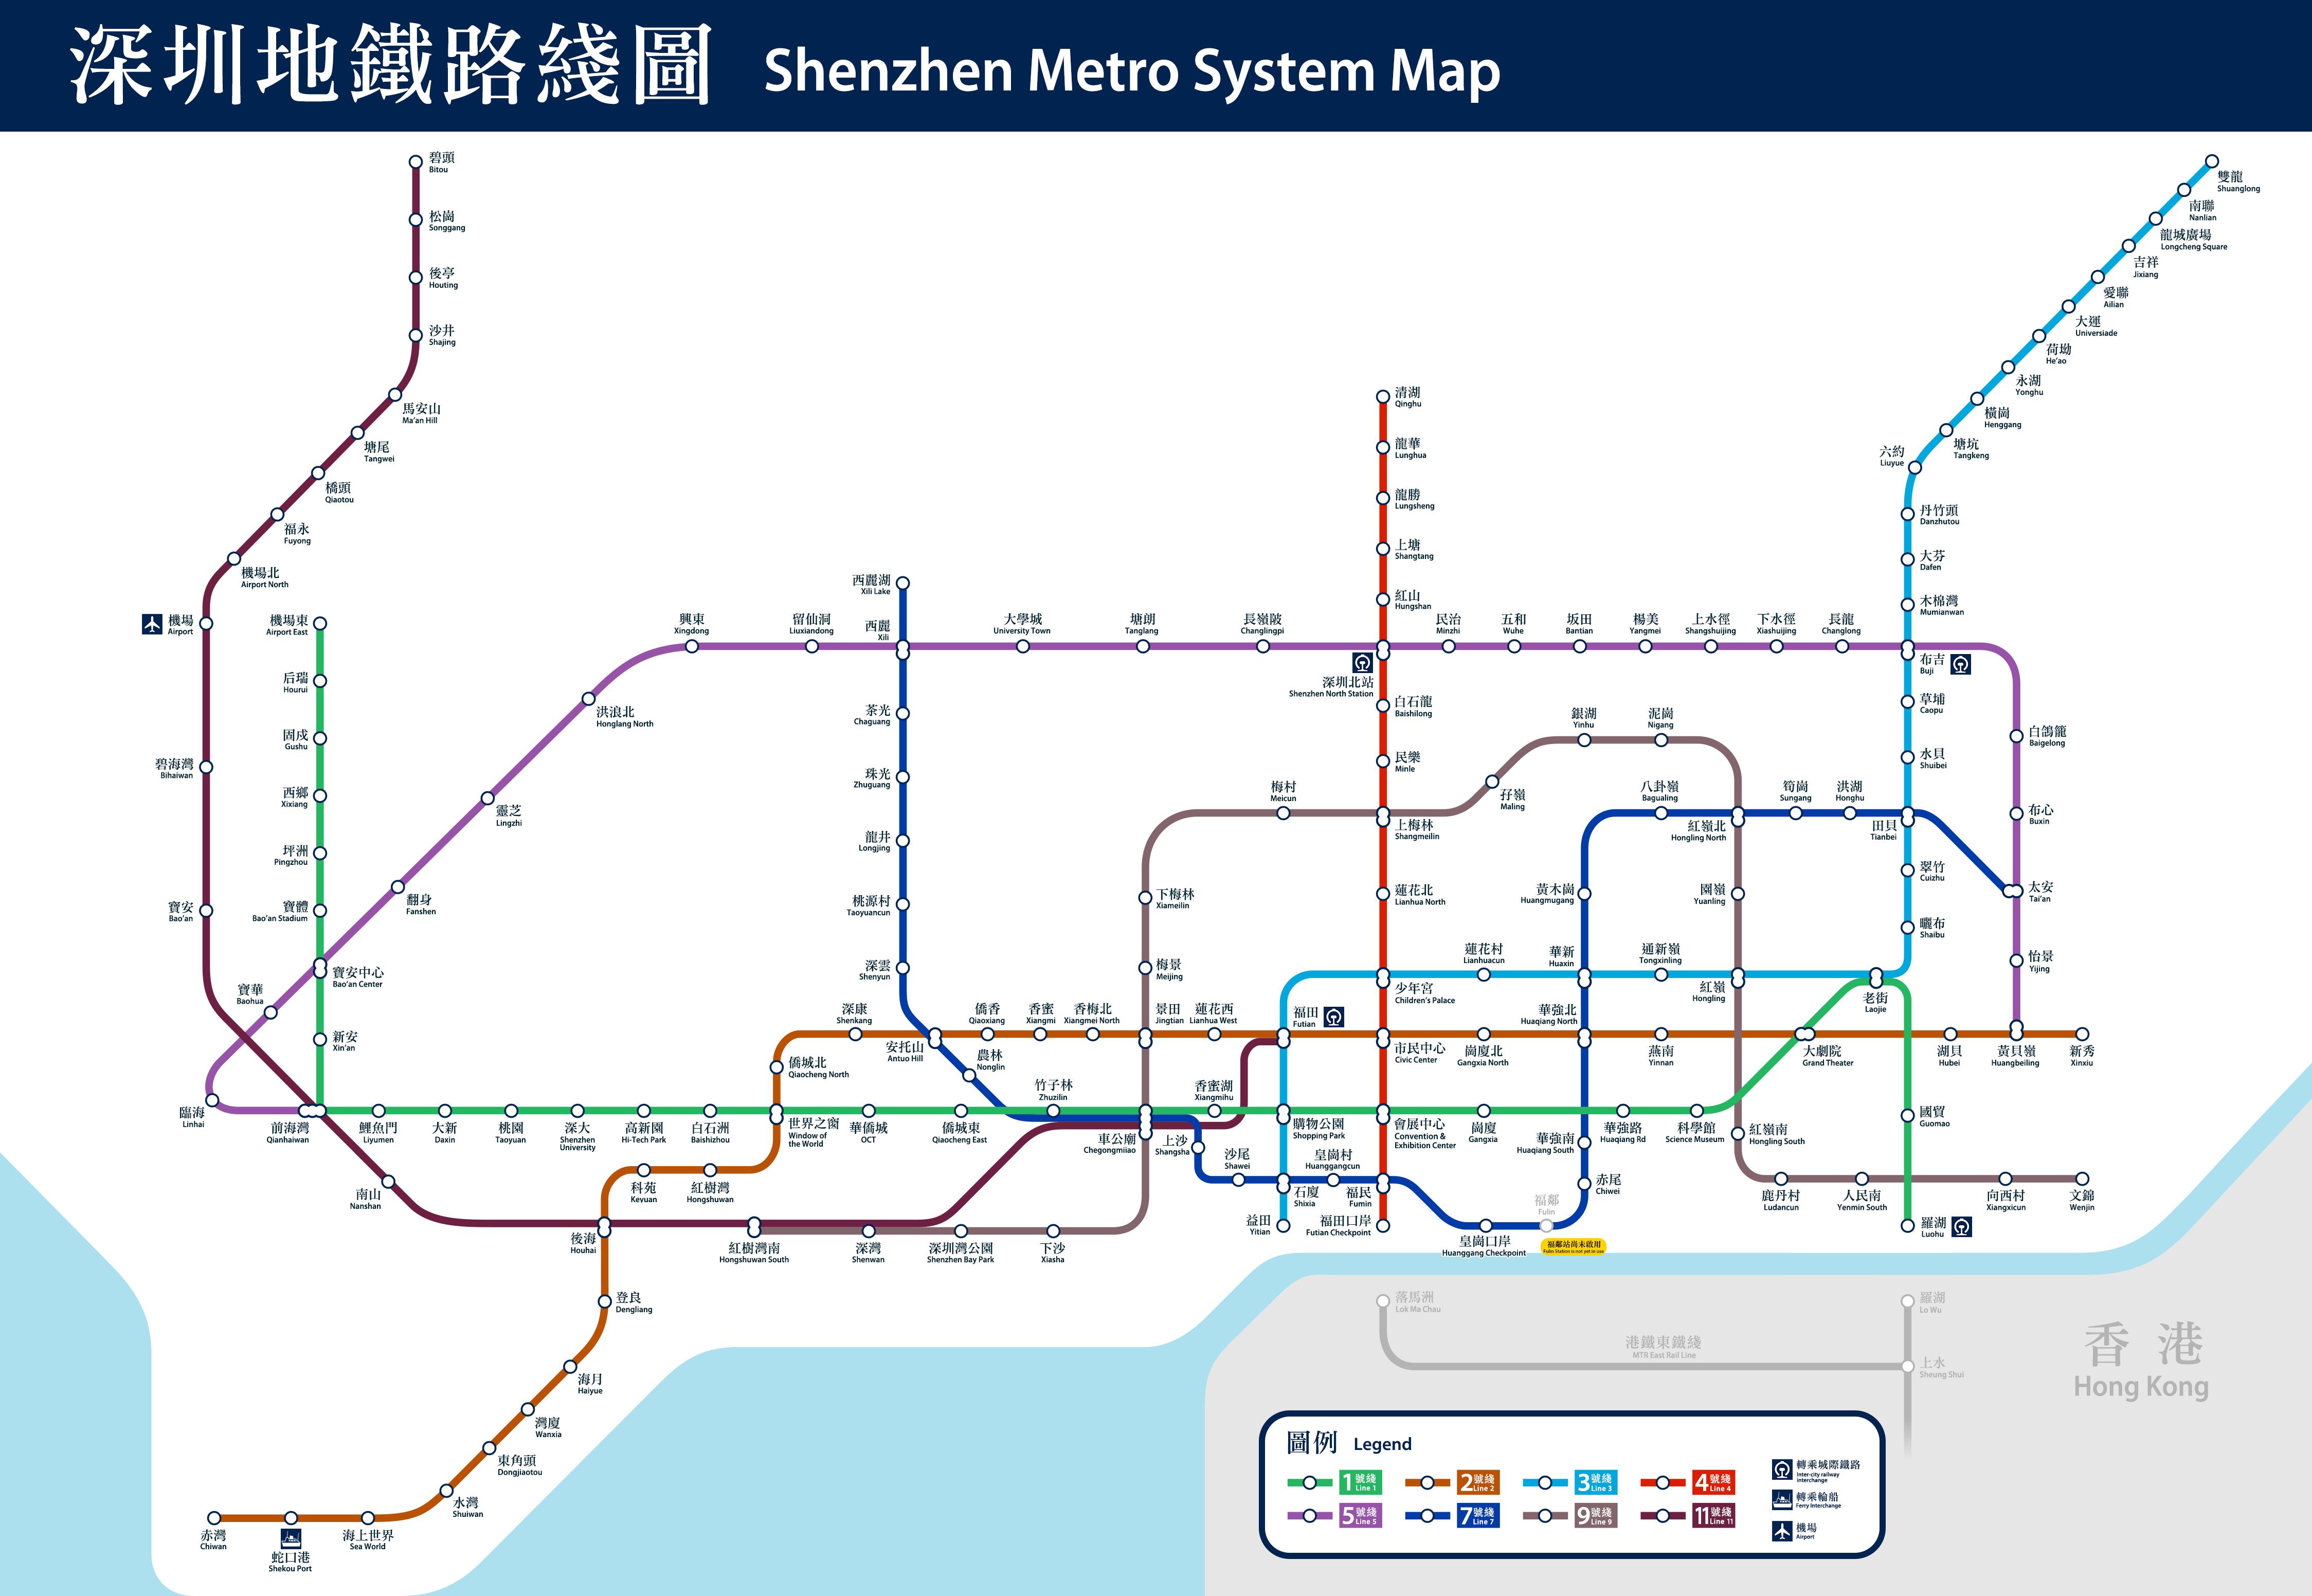 fileshenzhen metro system mappng  wikimedia commons - fileshenzhen metro system mappng